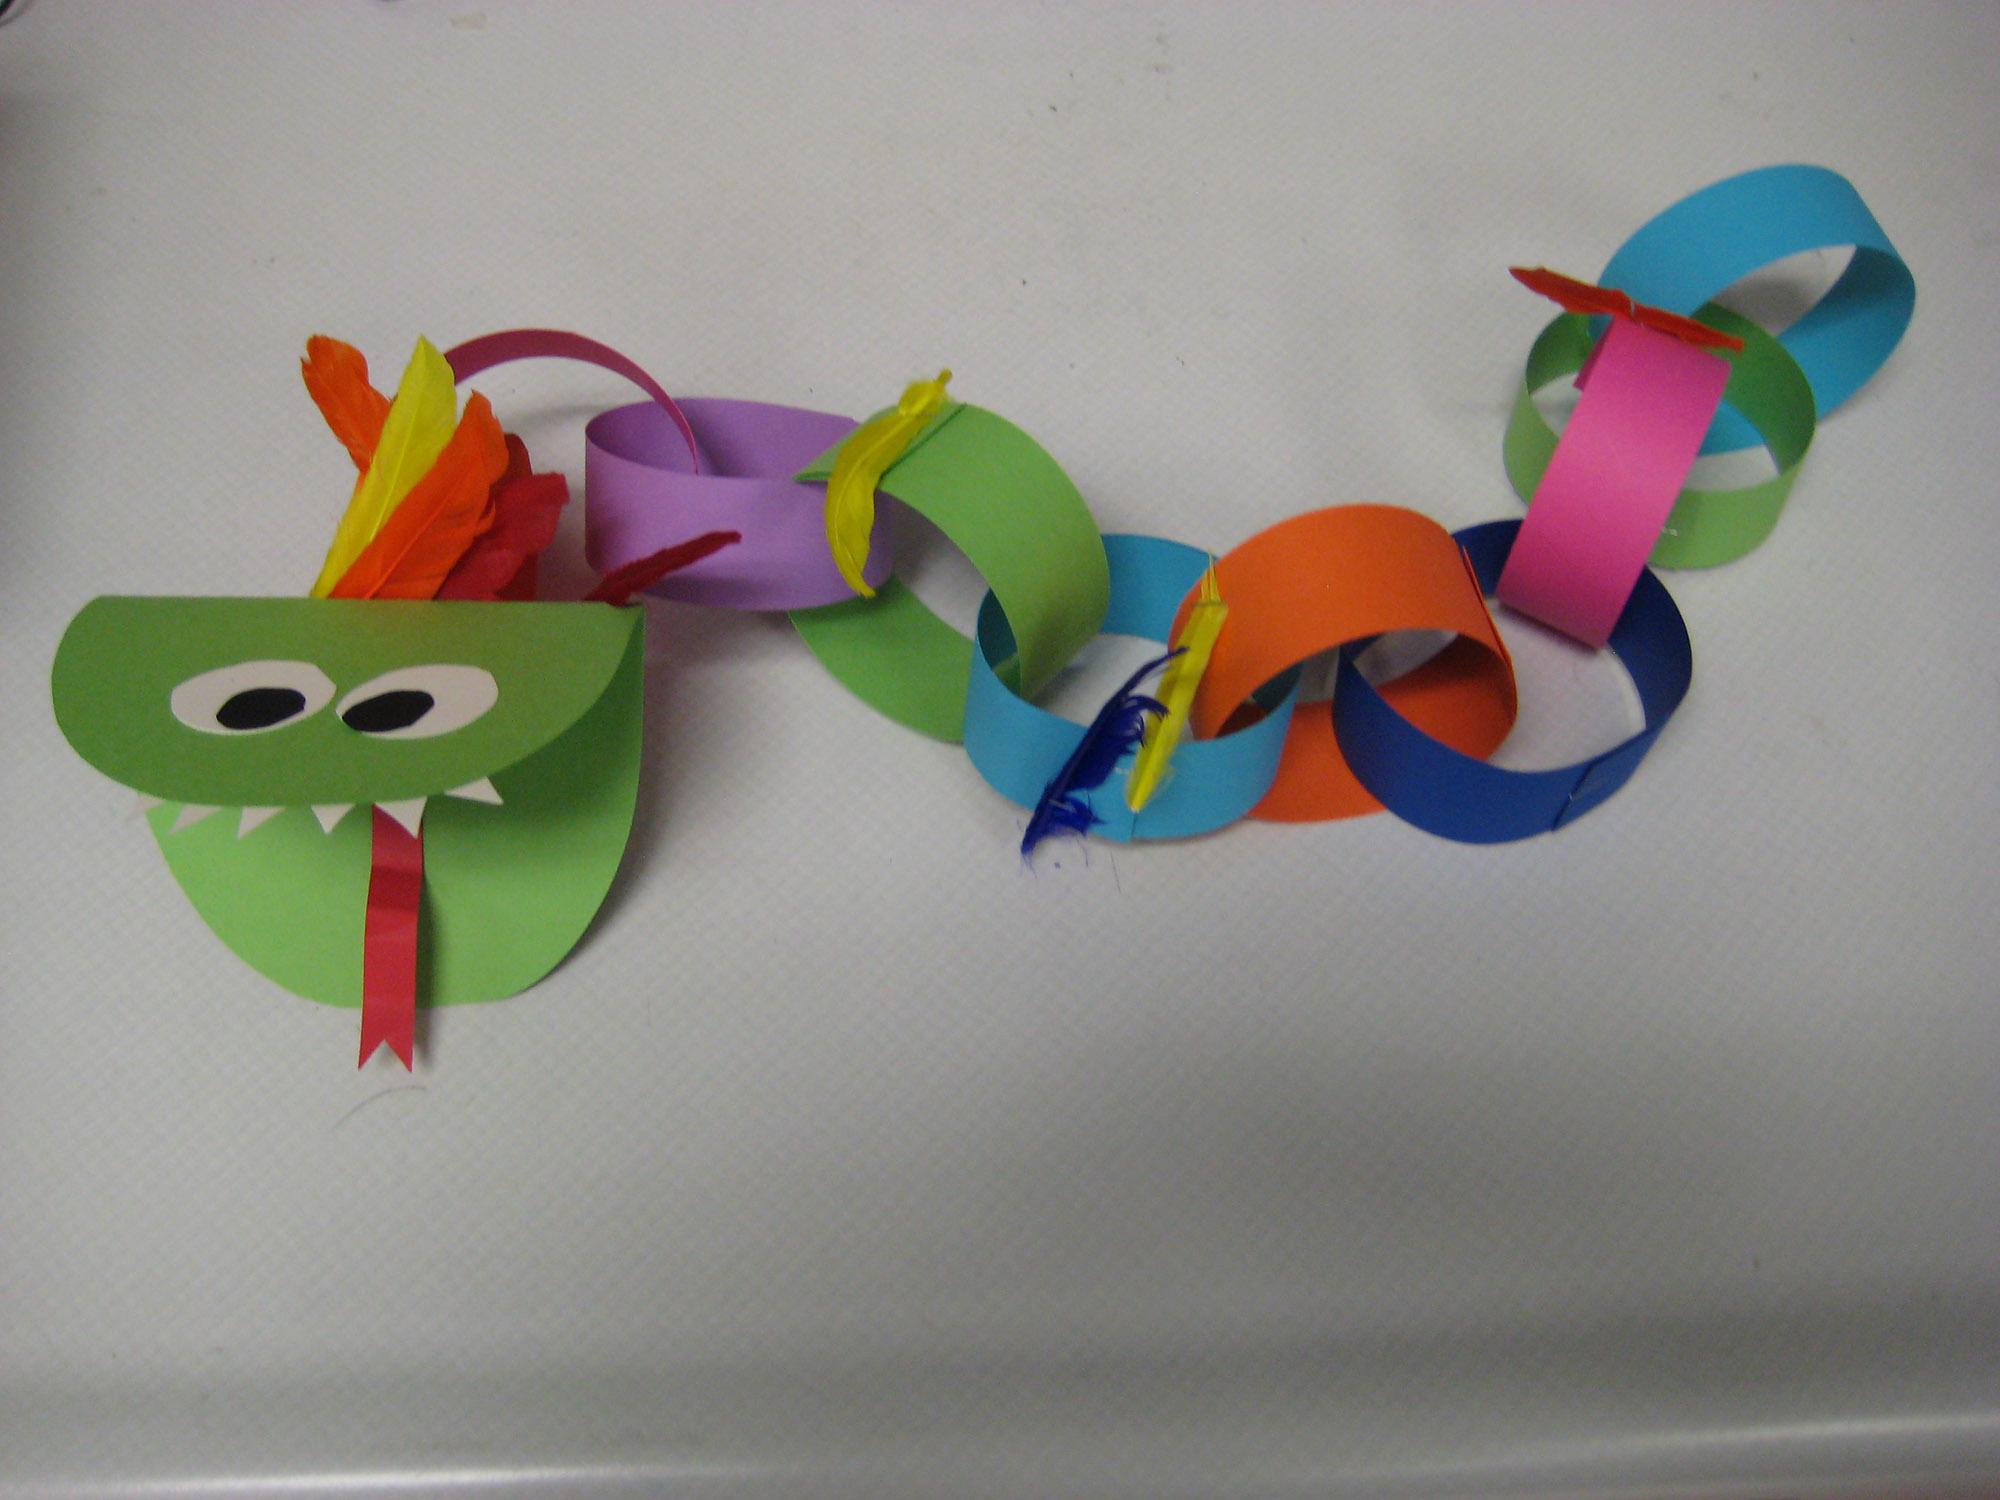 Lunar New Year Dragon Craft Project